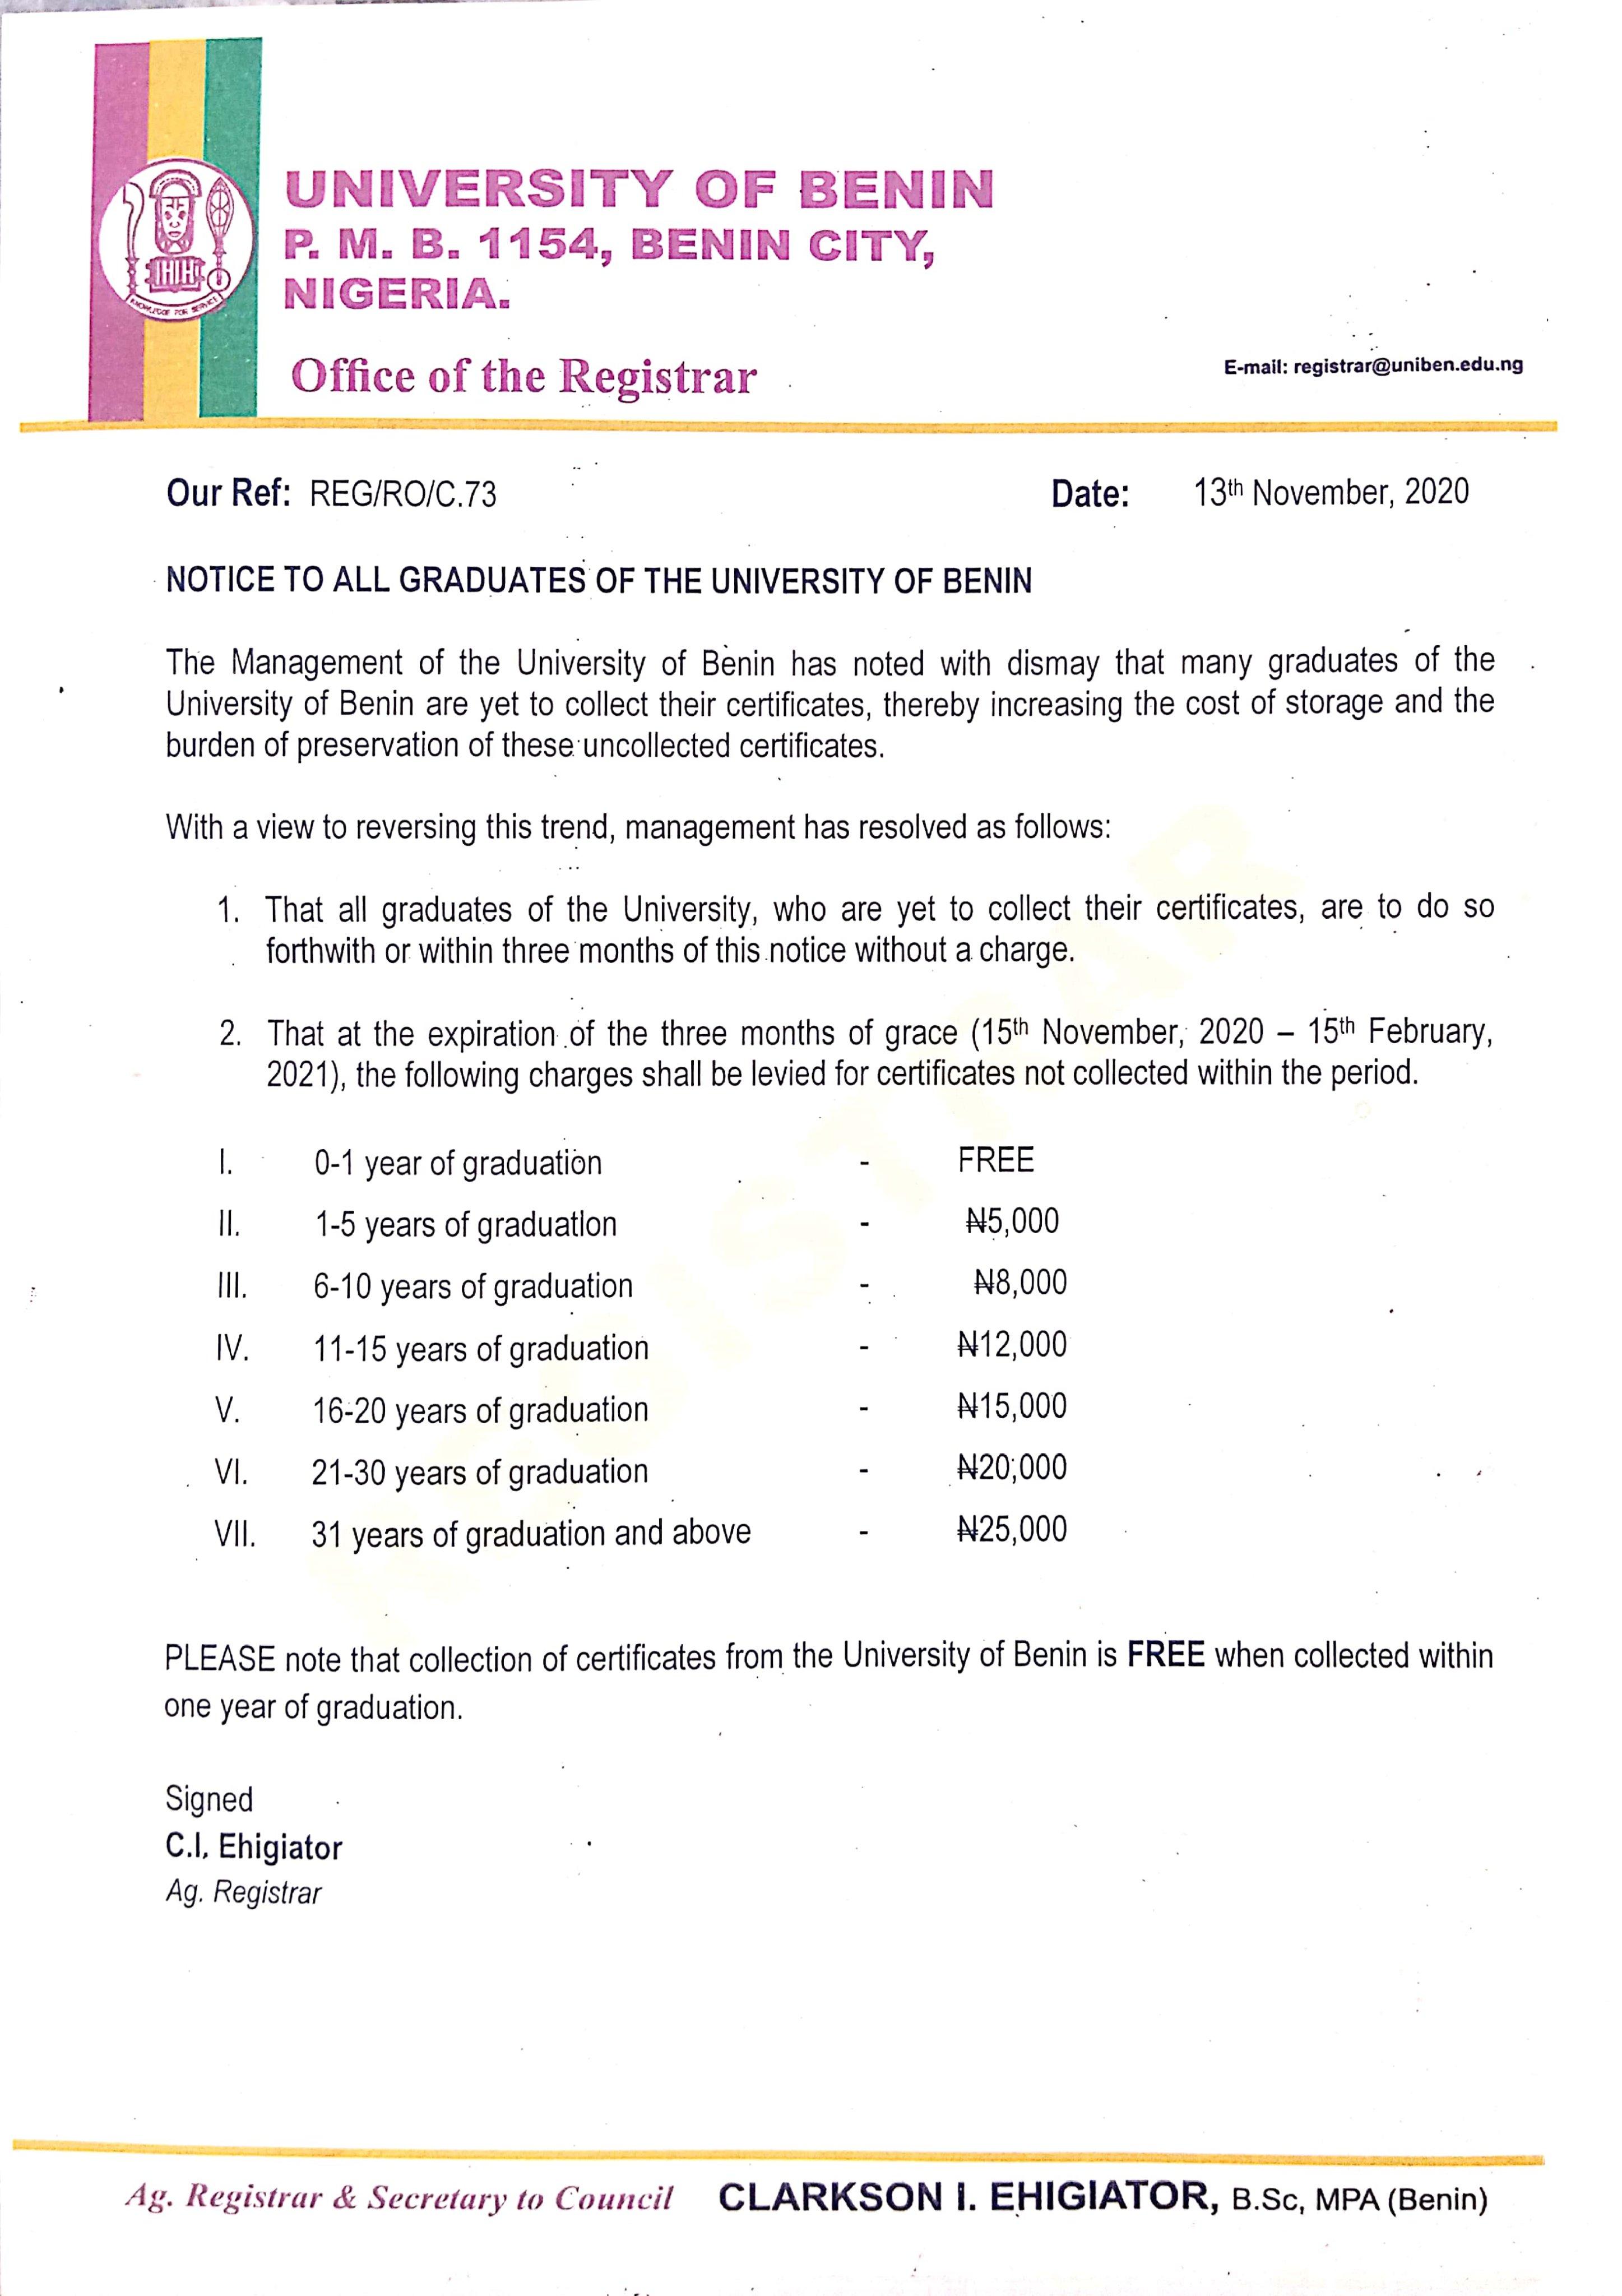 UNIBEN Notice to All Graduates